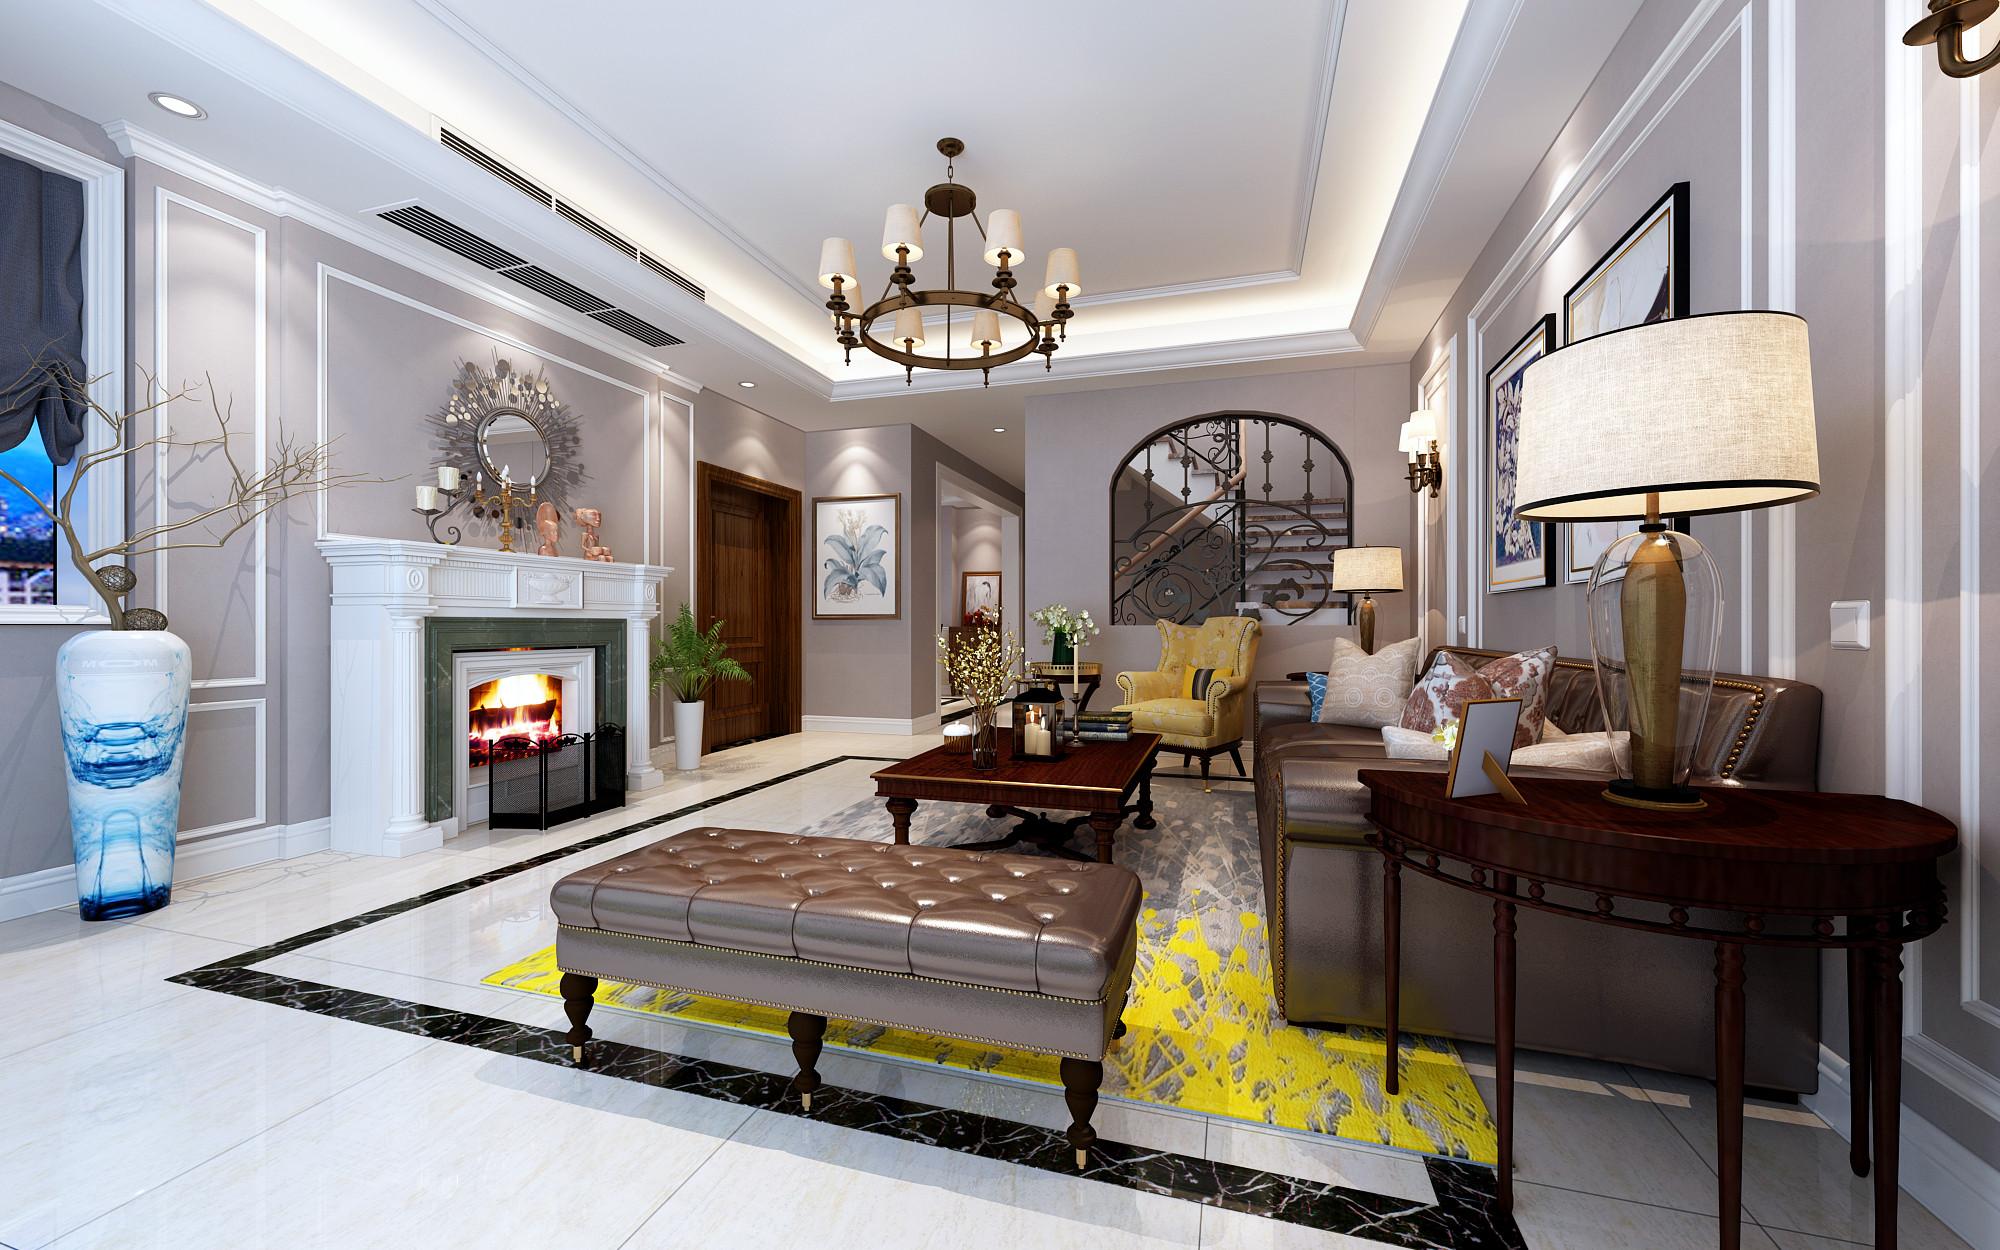 温馨美式别墅装修客厅设计效果图